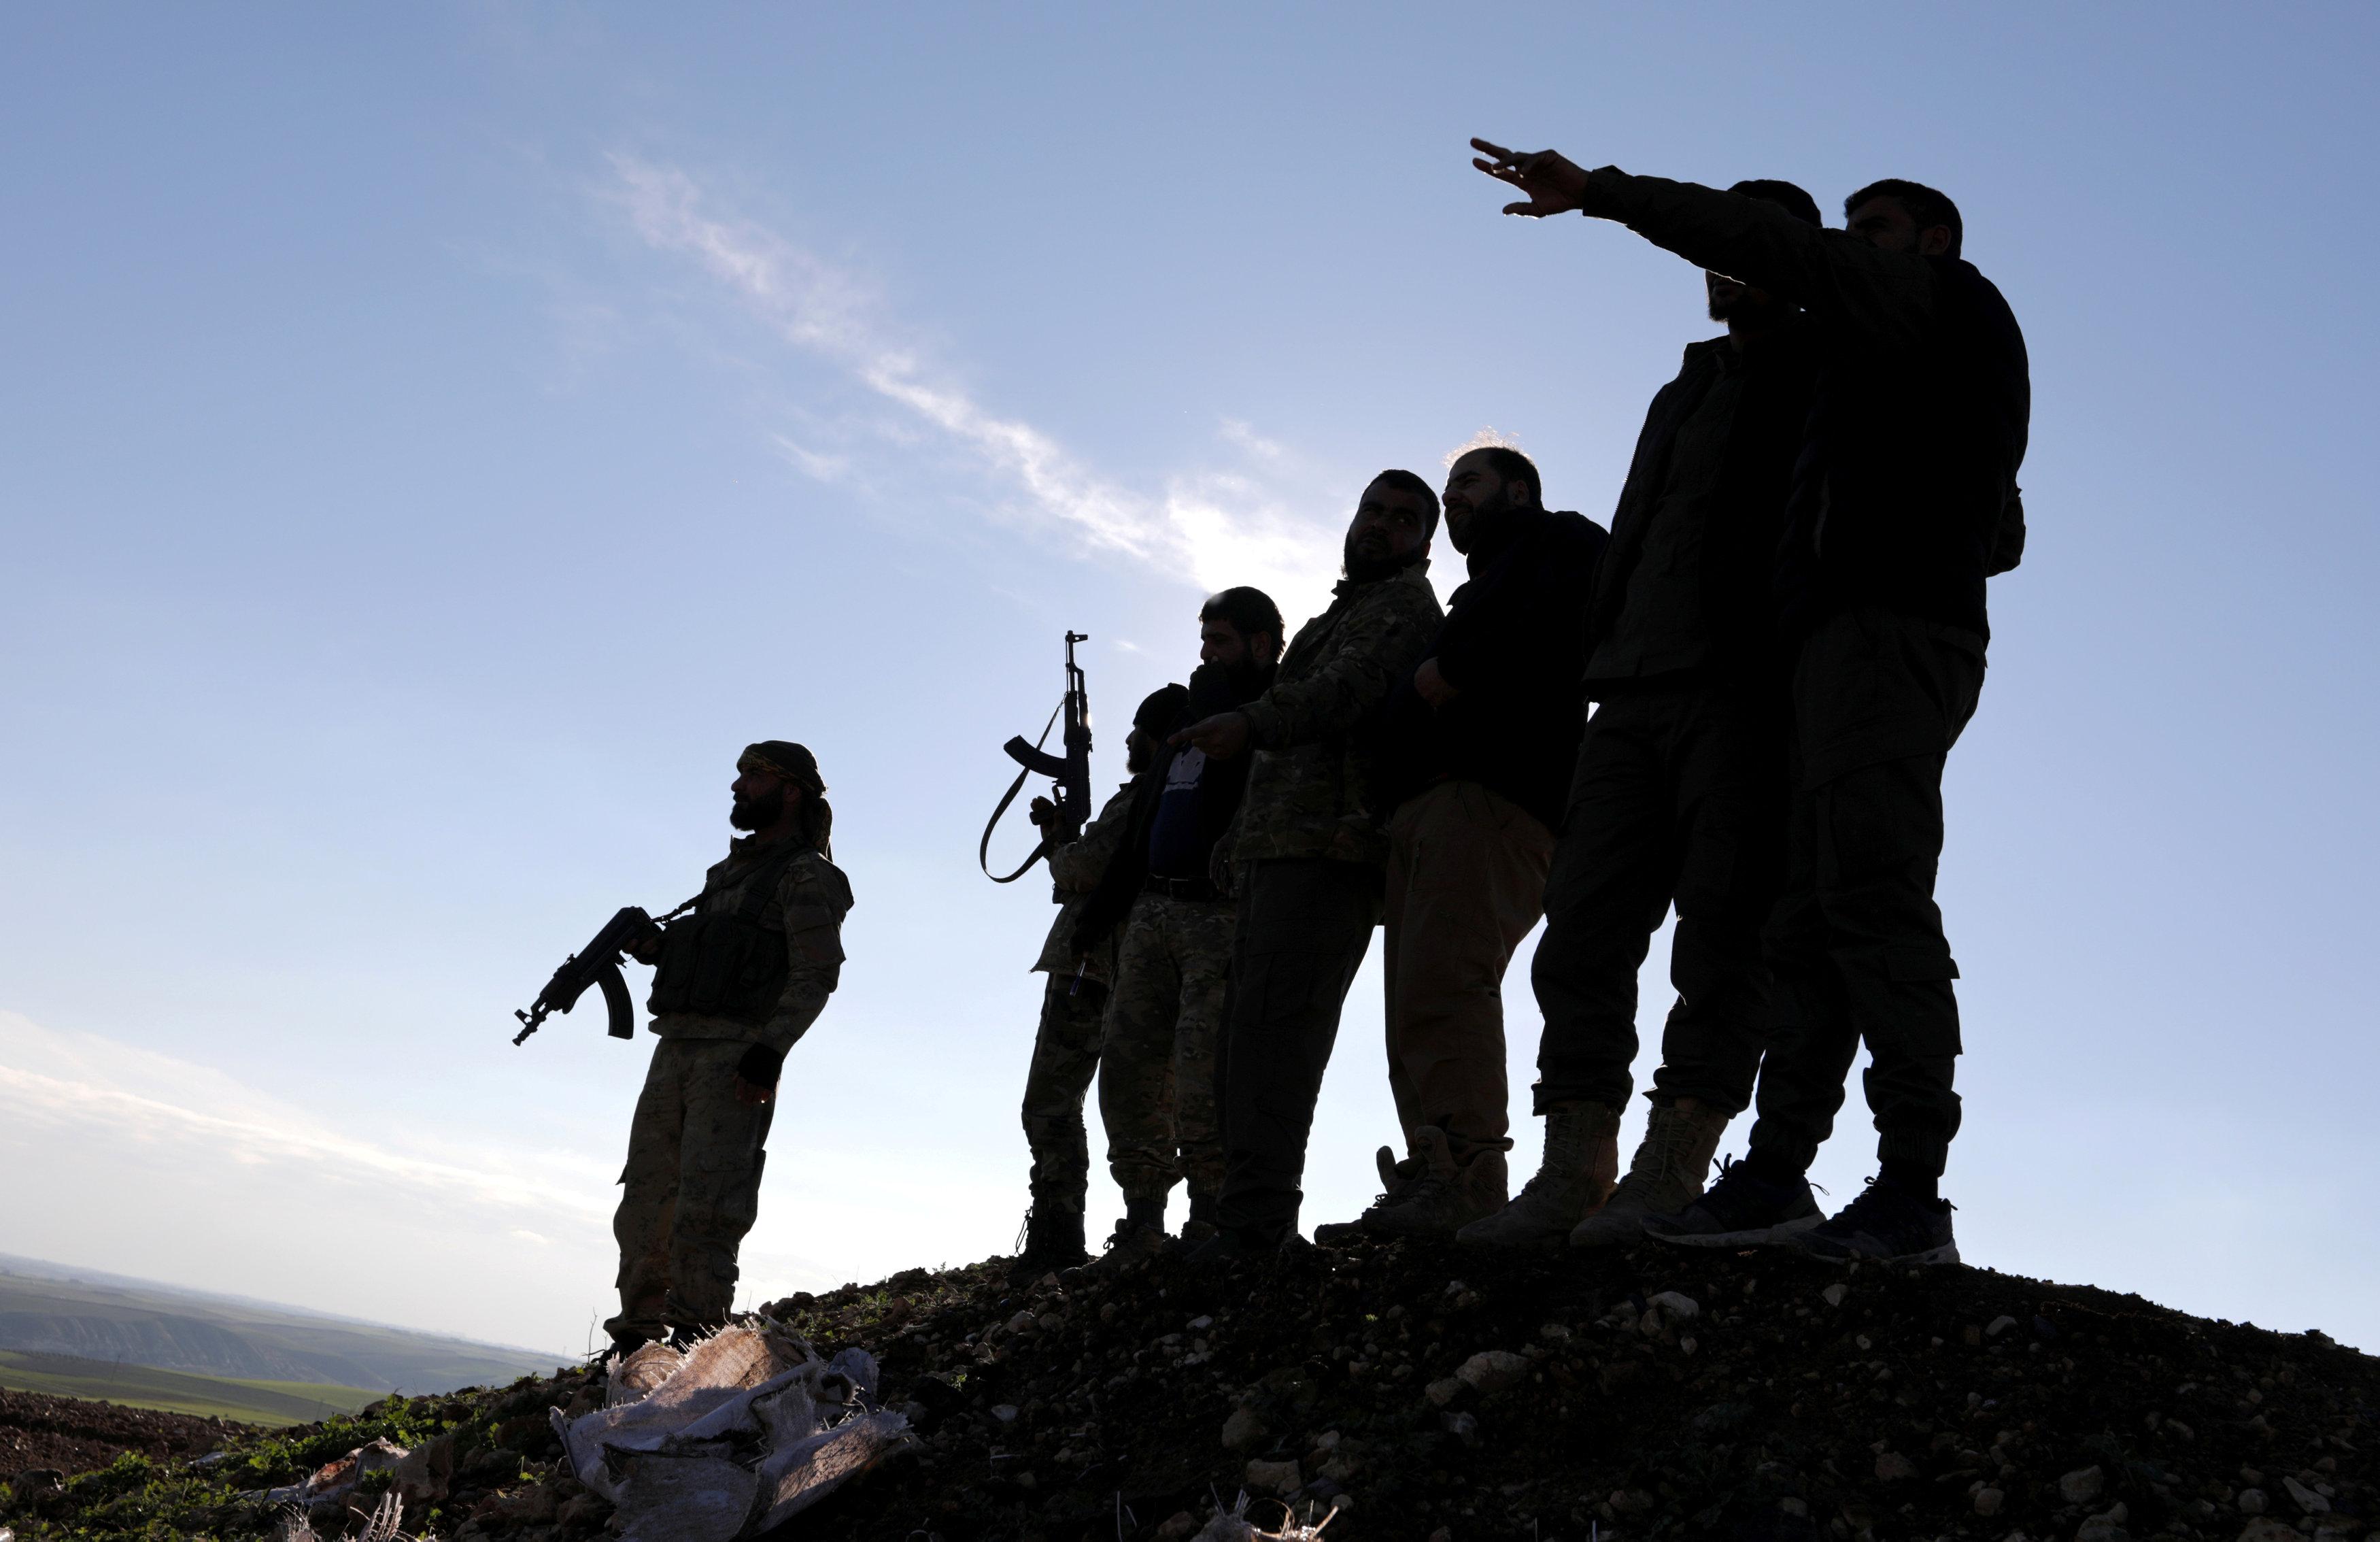 أميركا تطالب بالأسرى الدواعش لدى القوات السورية الكردية الحليفة